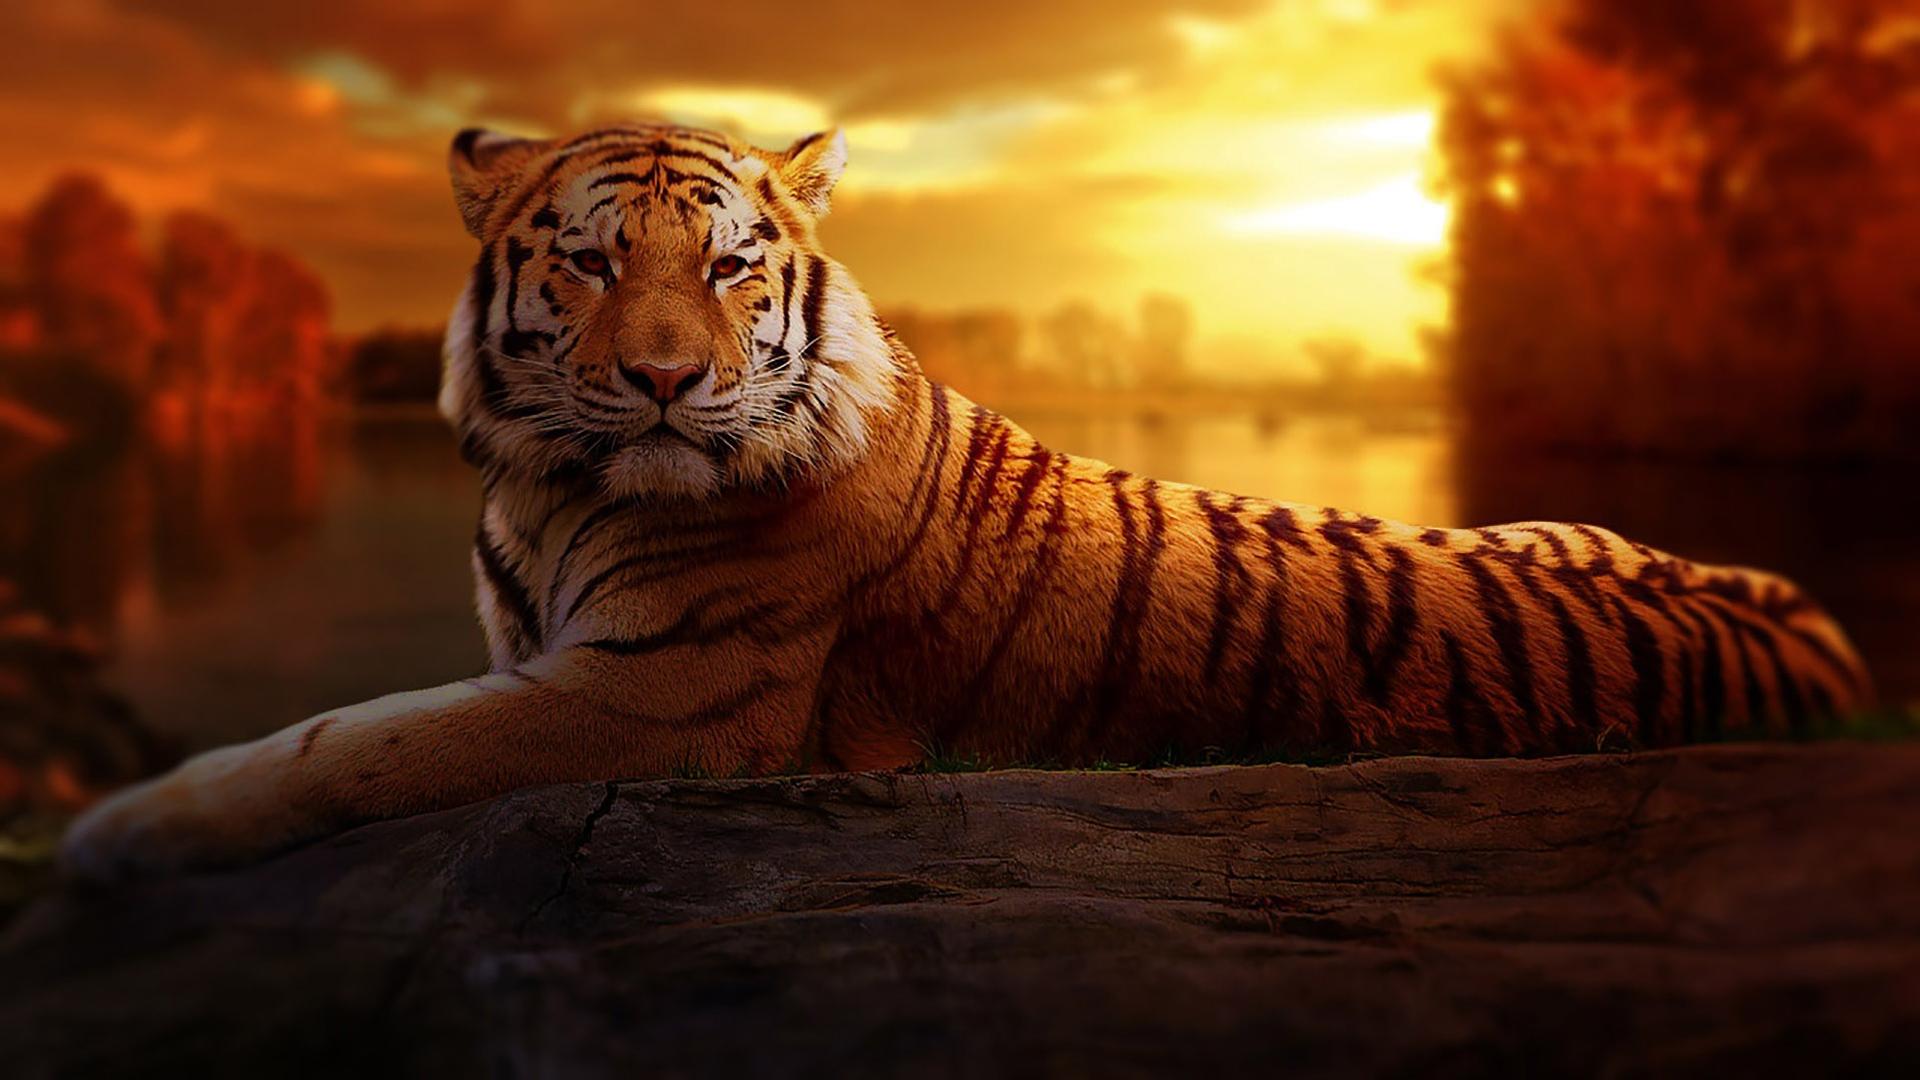 Tiger384115271 - Tiger - Wolf, Tiger